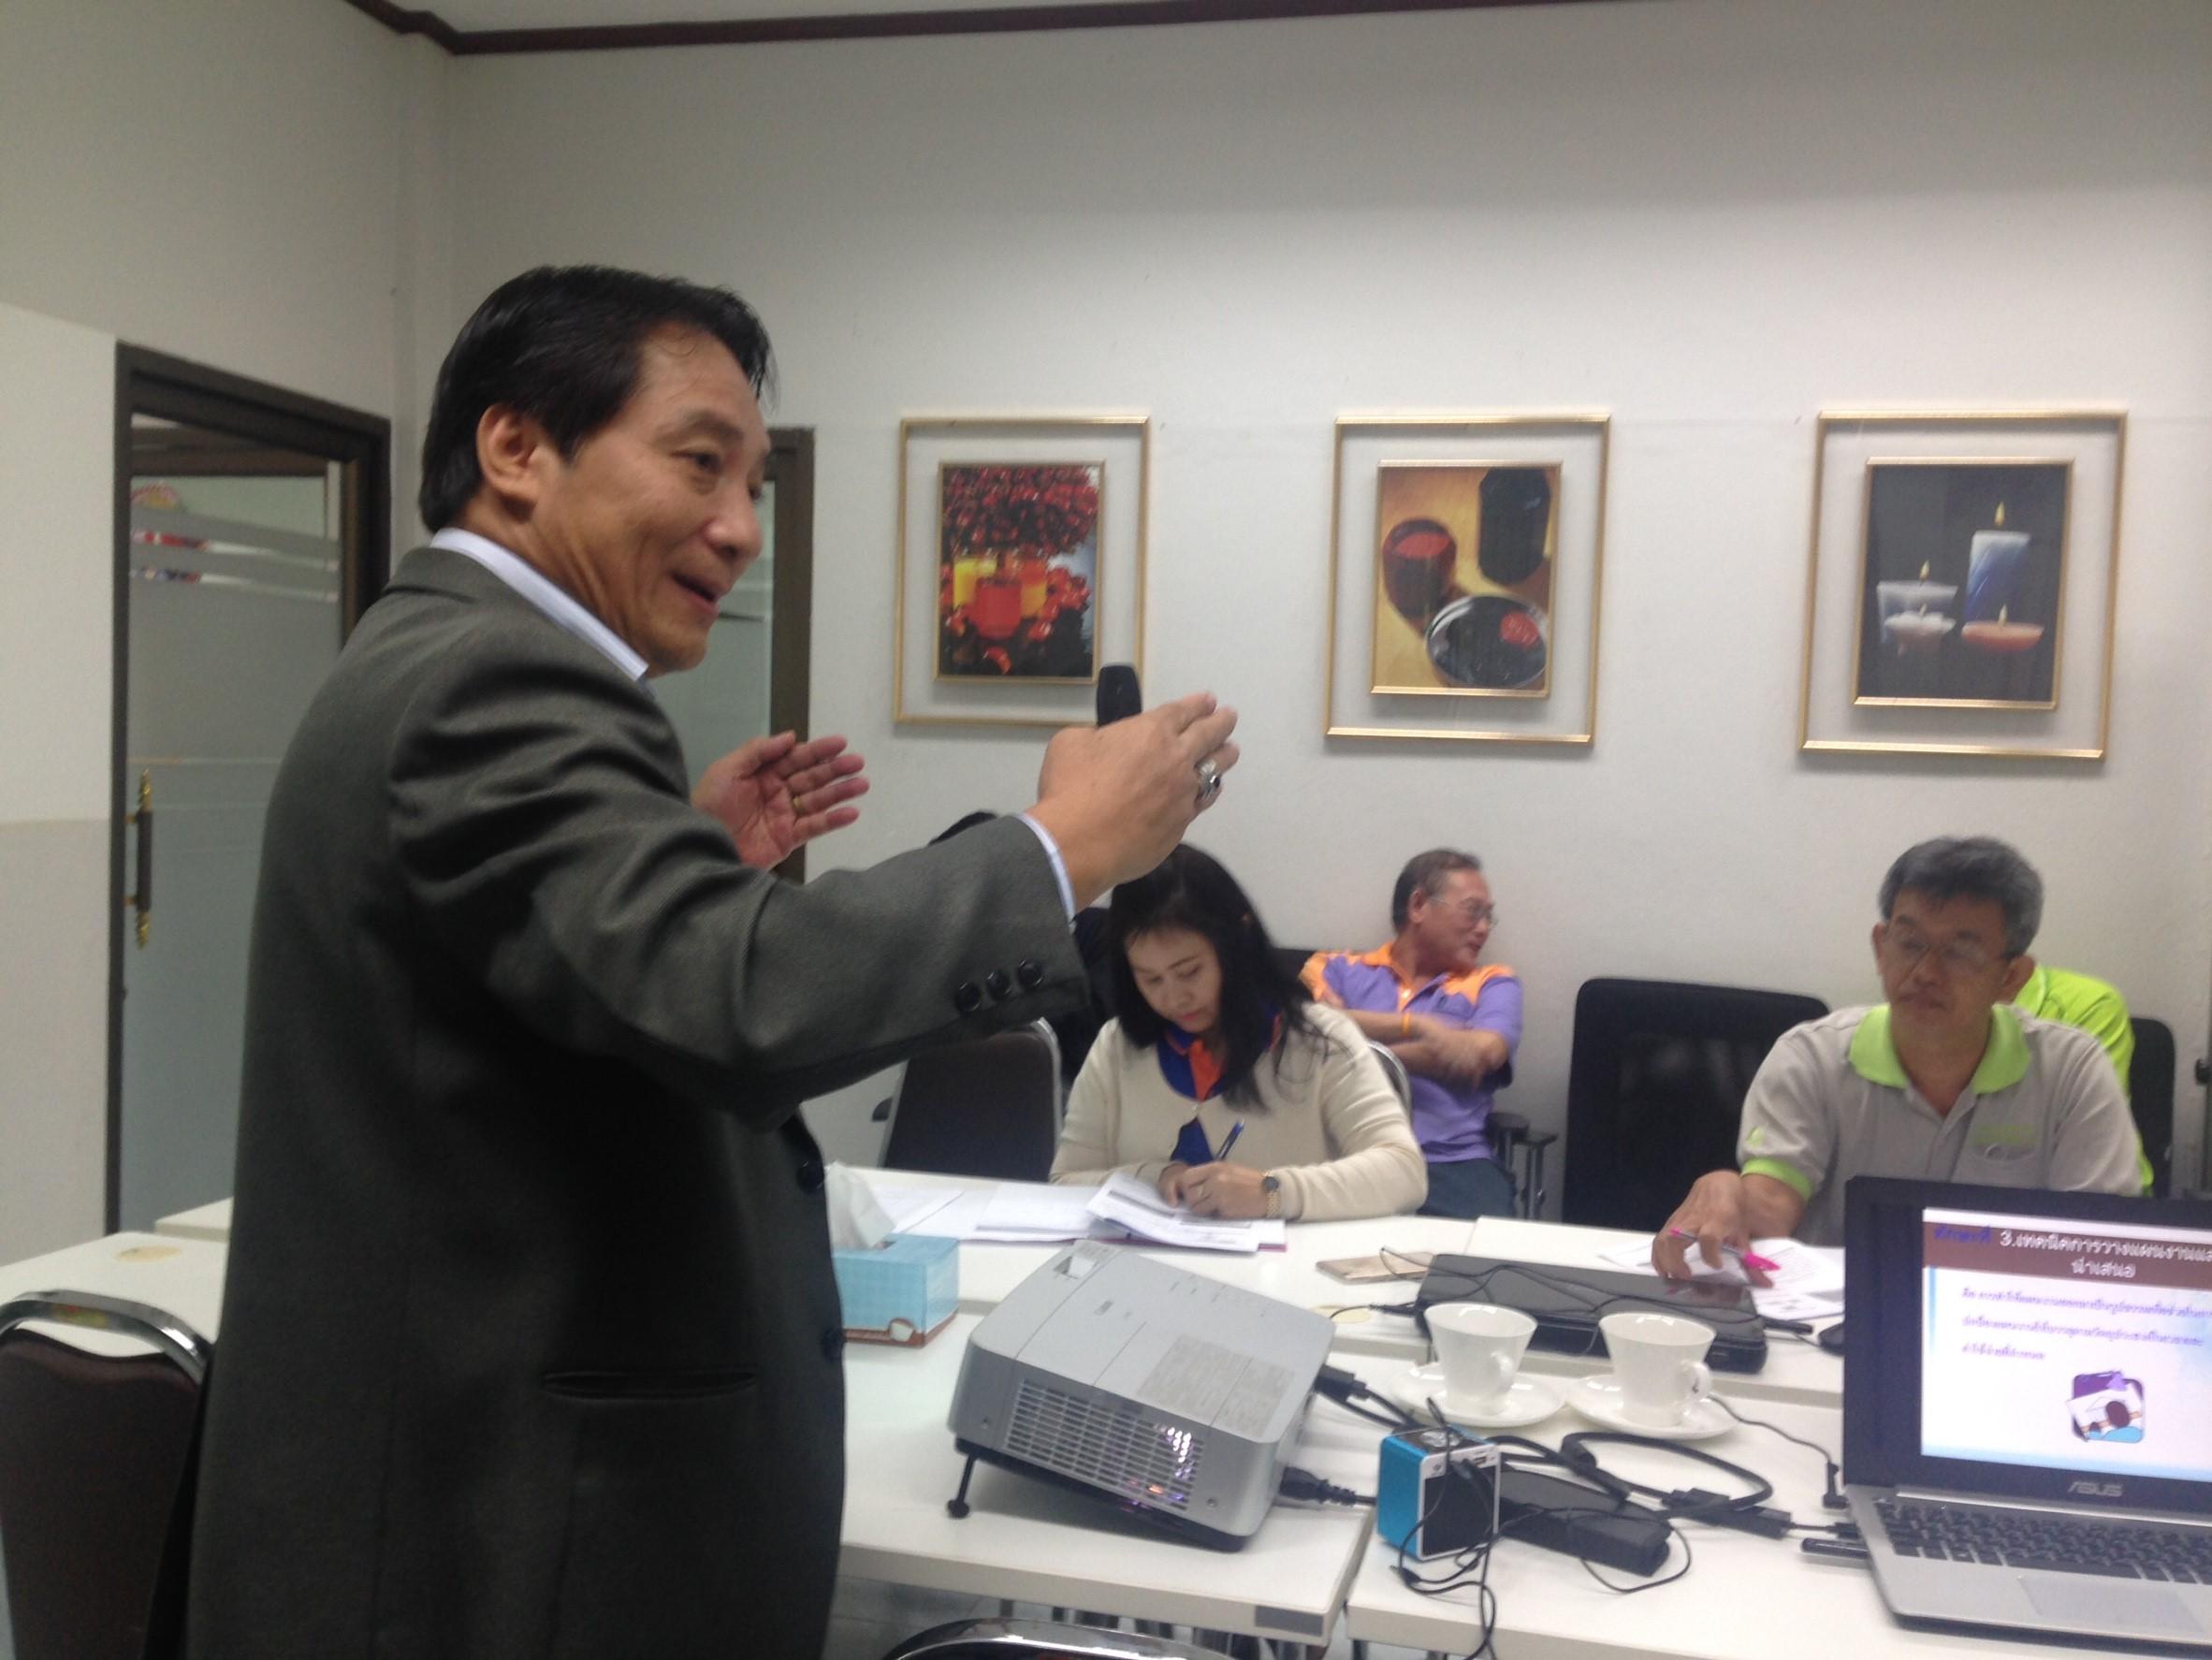 ภาพบรรยากาศการอบรม In-house training ในหลักสูตร ทักษะหัวหน้างานสมัยใหม่